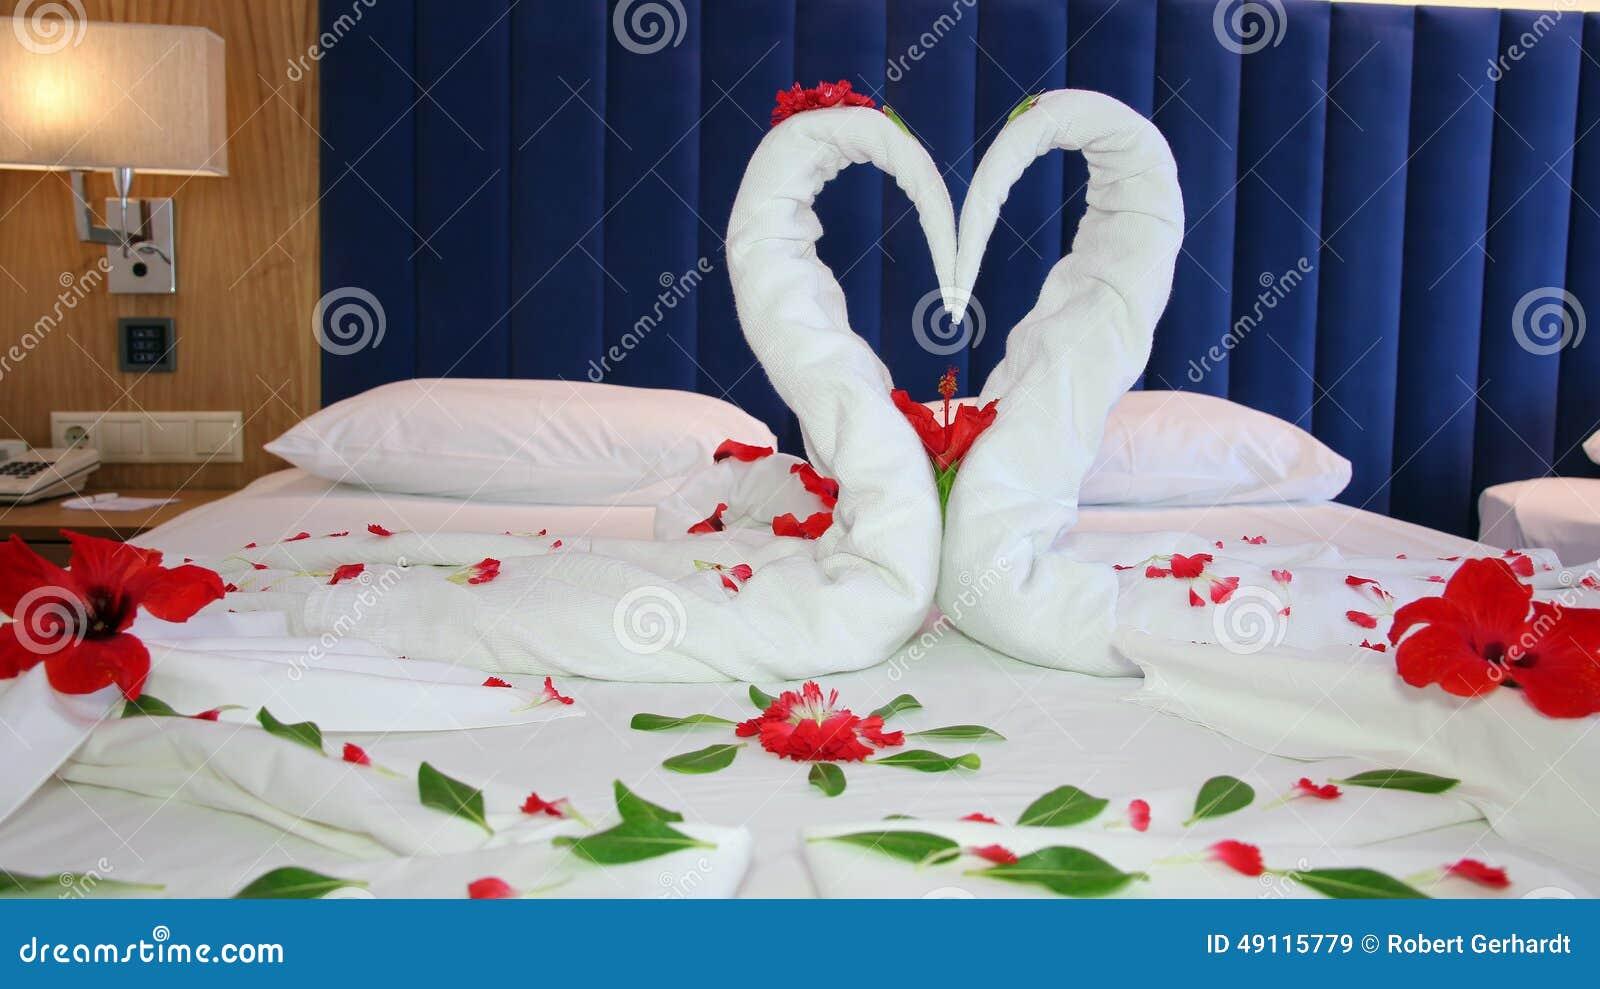 Bedroom Arrangement Pictures